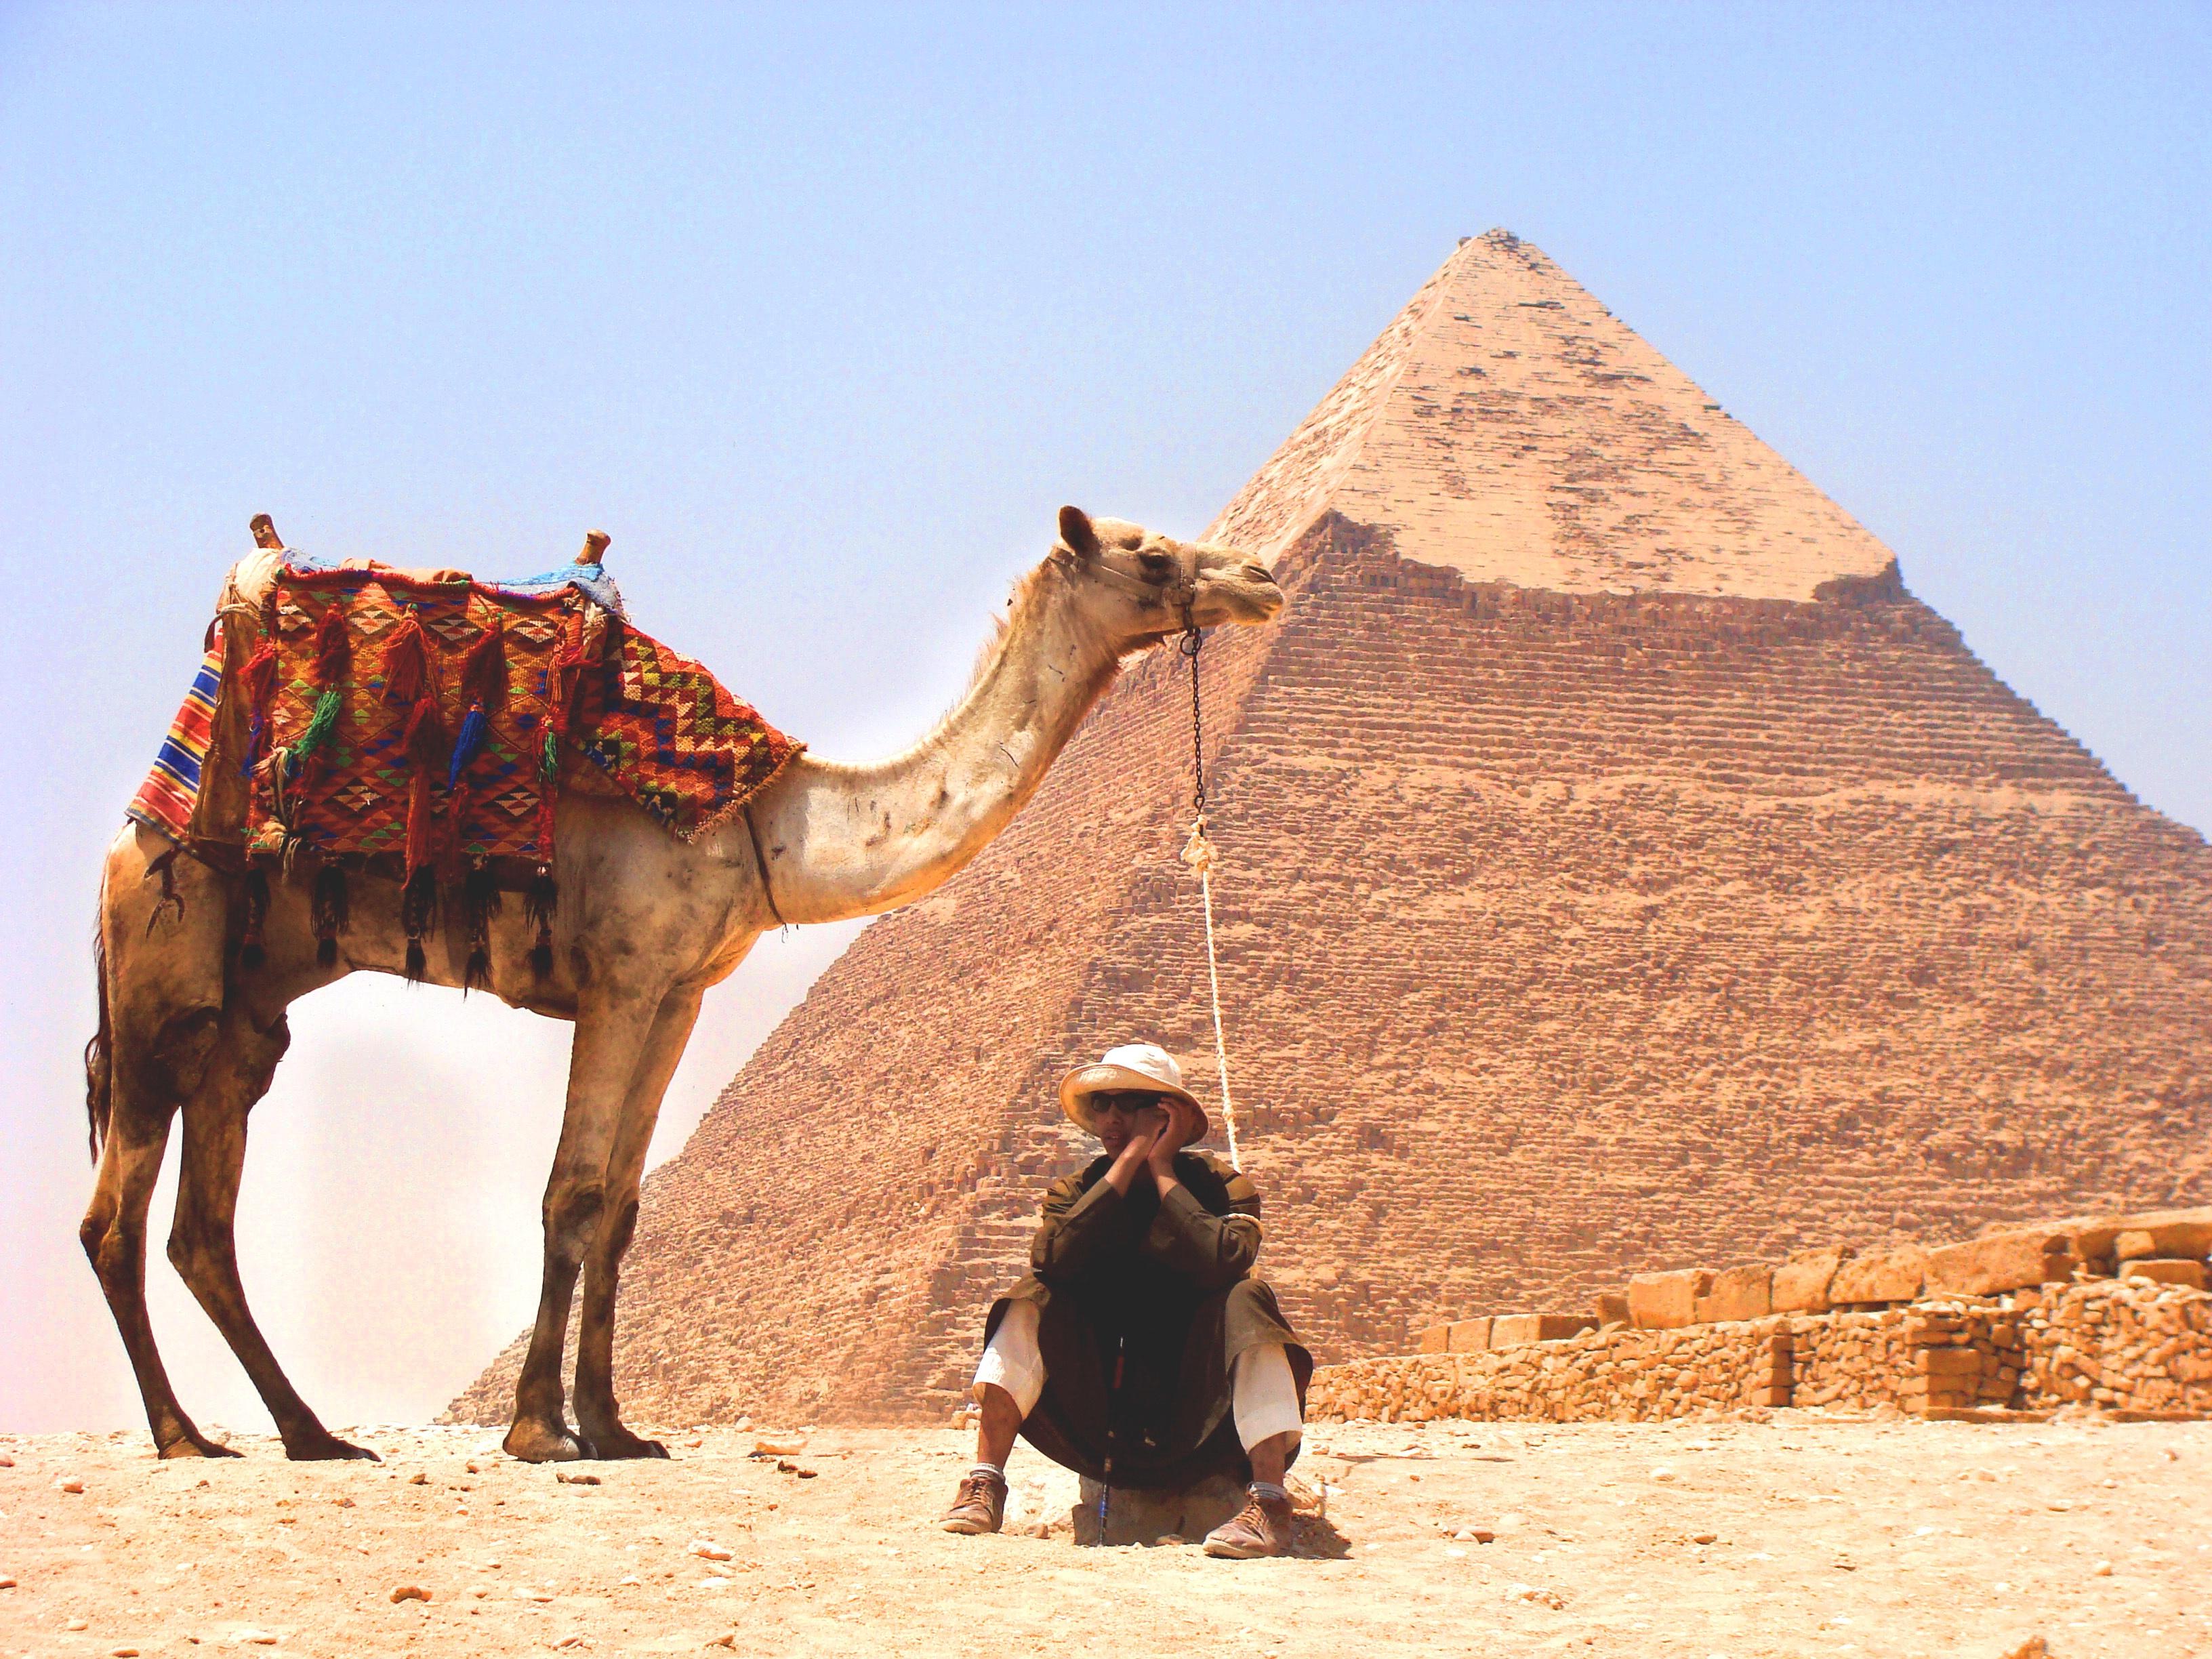 Поздравление, картинки с пустыней и верблюдами и пирамидами